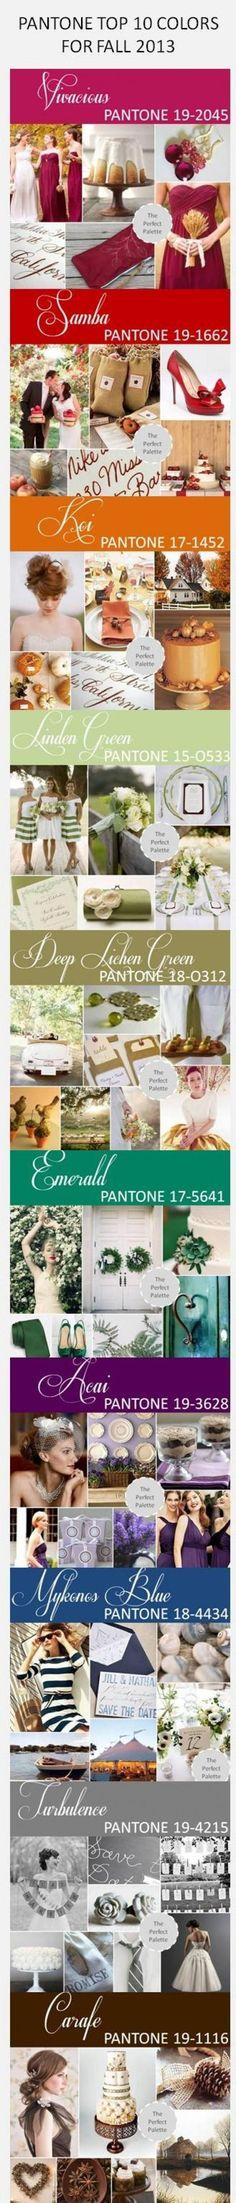 PANTONE COLOR REPORT, FALL 2013! http://www.theperfectpalette.com/2013/03/pantone-color-report-fall-2013.html theme